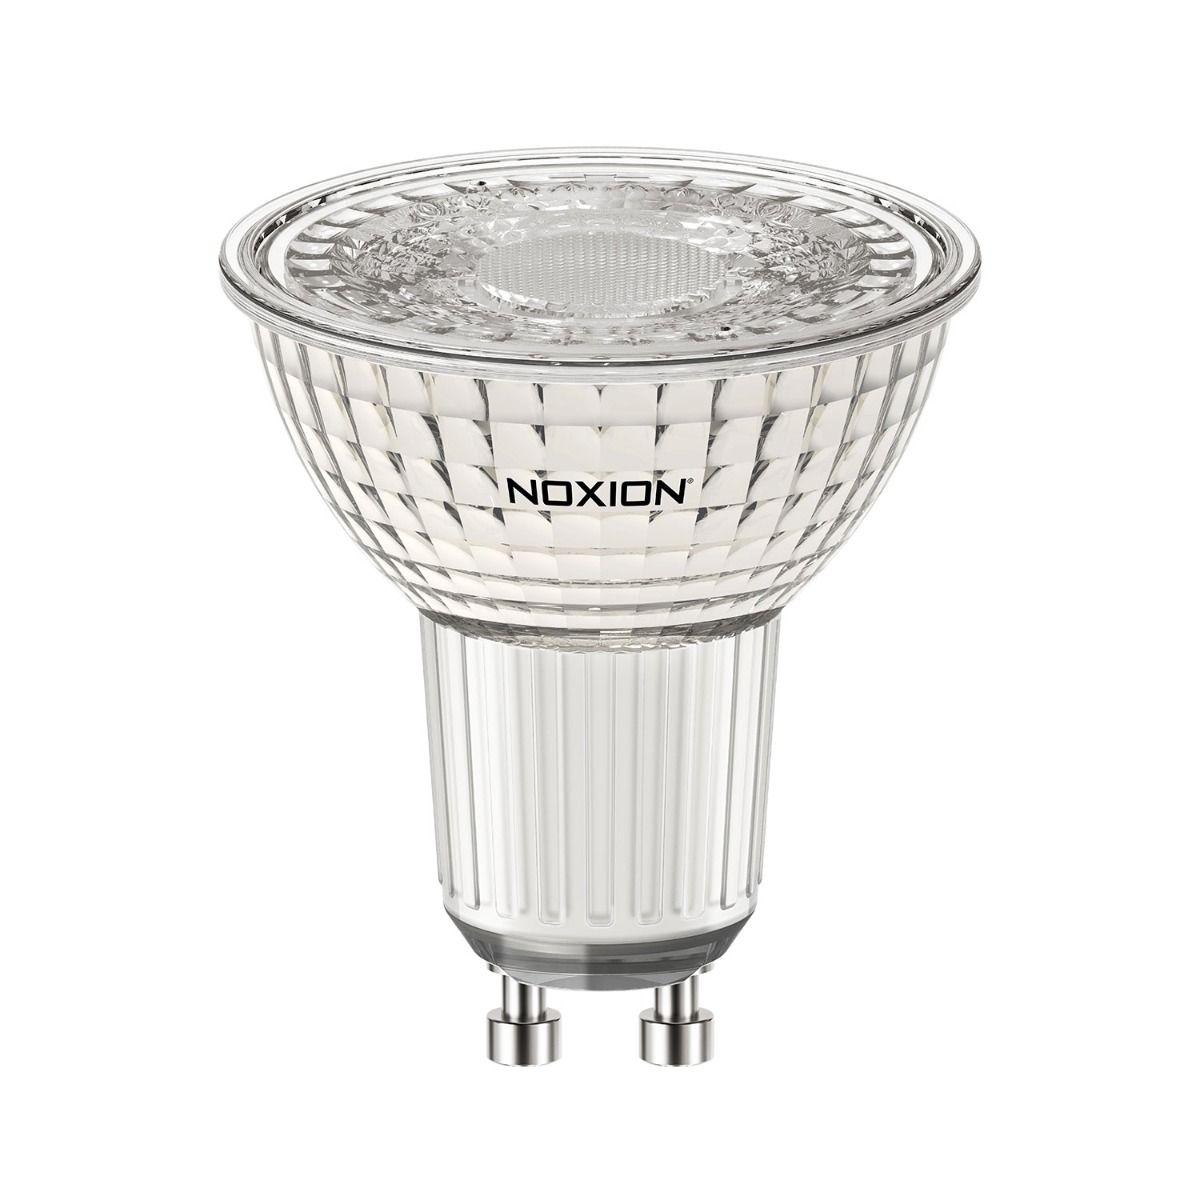 Noxion PerfectColor GU10 5.5-50W 922-927 36D 450lm Dim-to-Warm